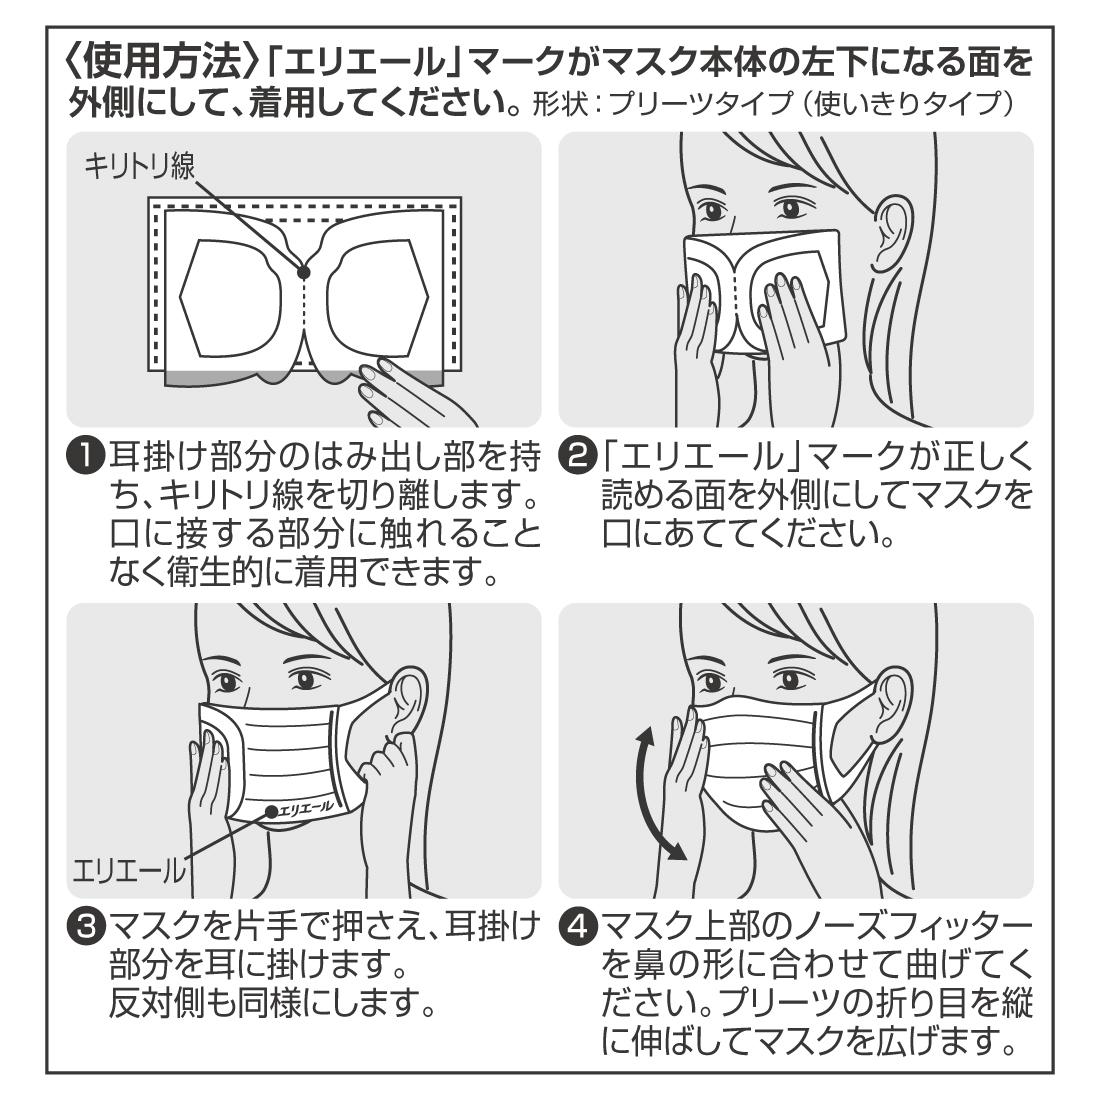 エリエール ハイパーブロックマスク ウイルスブロック ふつう 7枚入×4パック【833001】